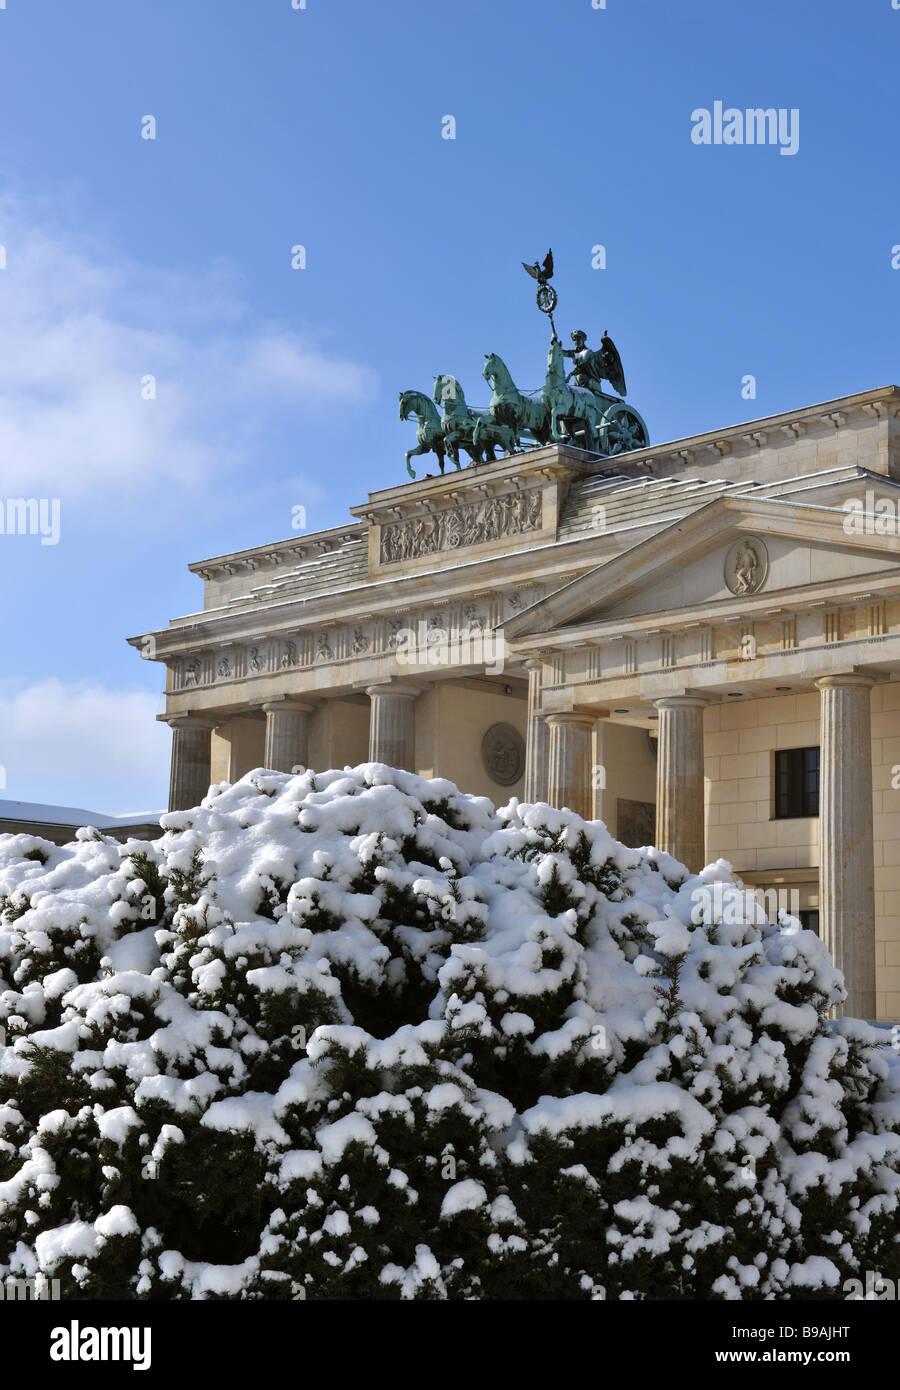 Berlin Paris square brandenburg gate quadriga with snow - Stock Image